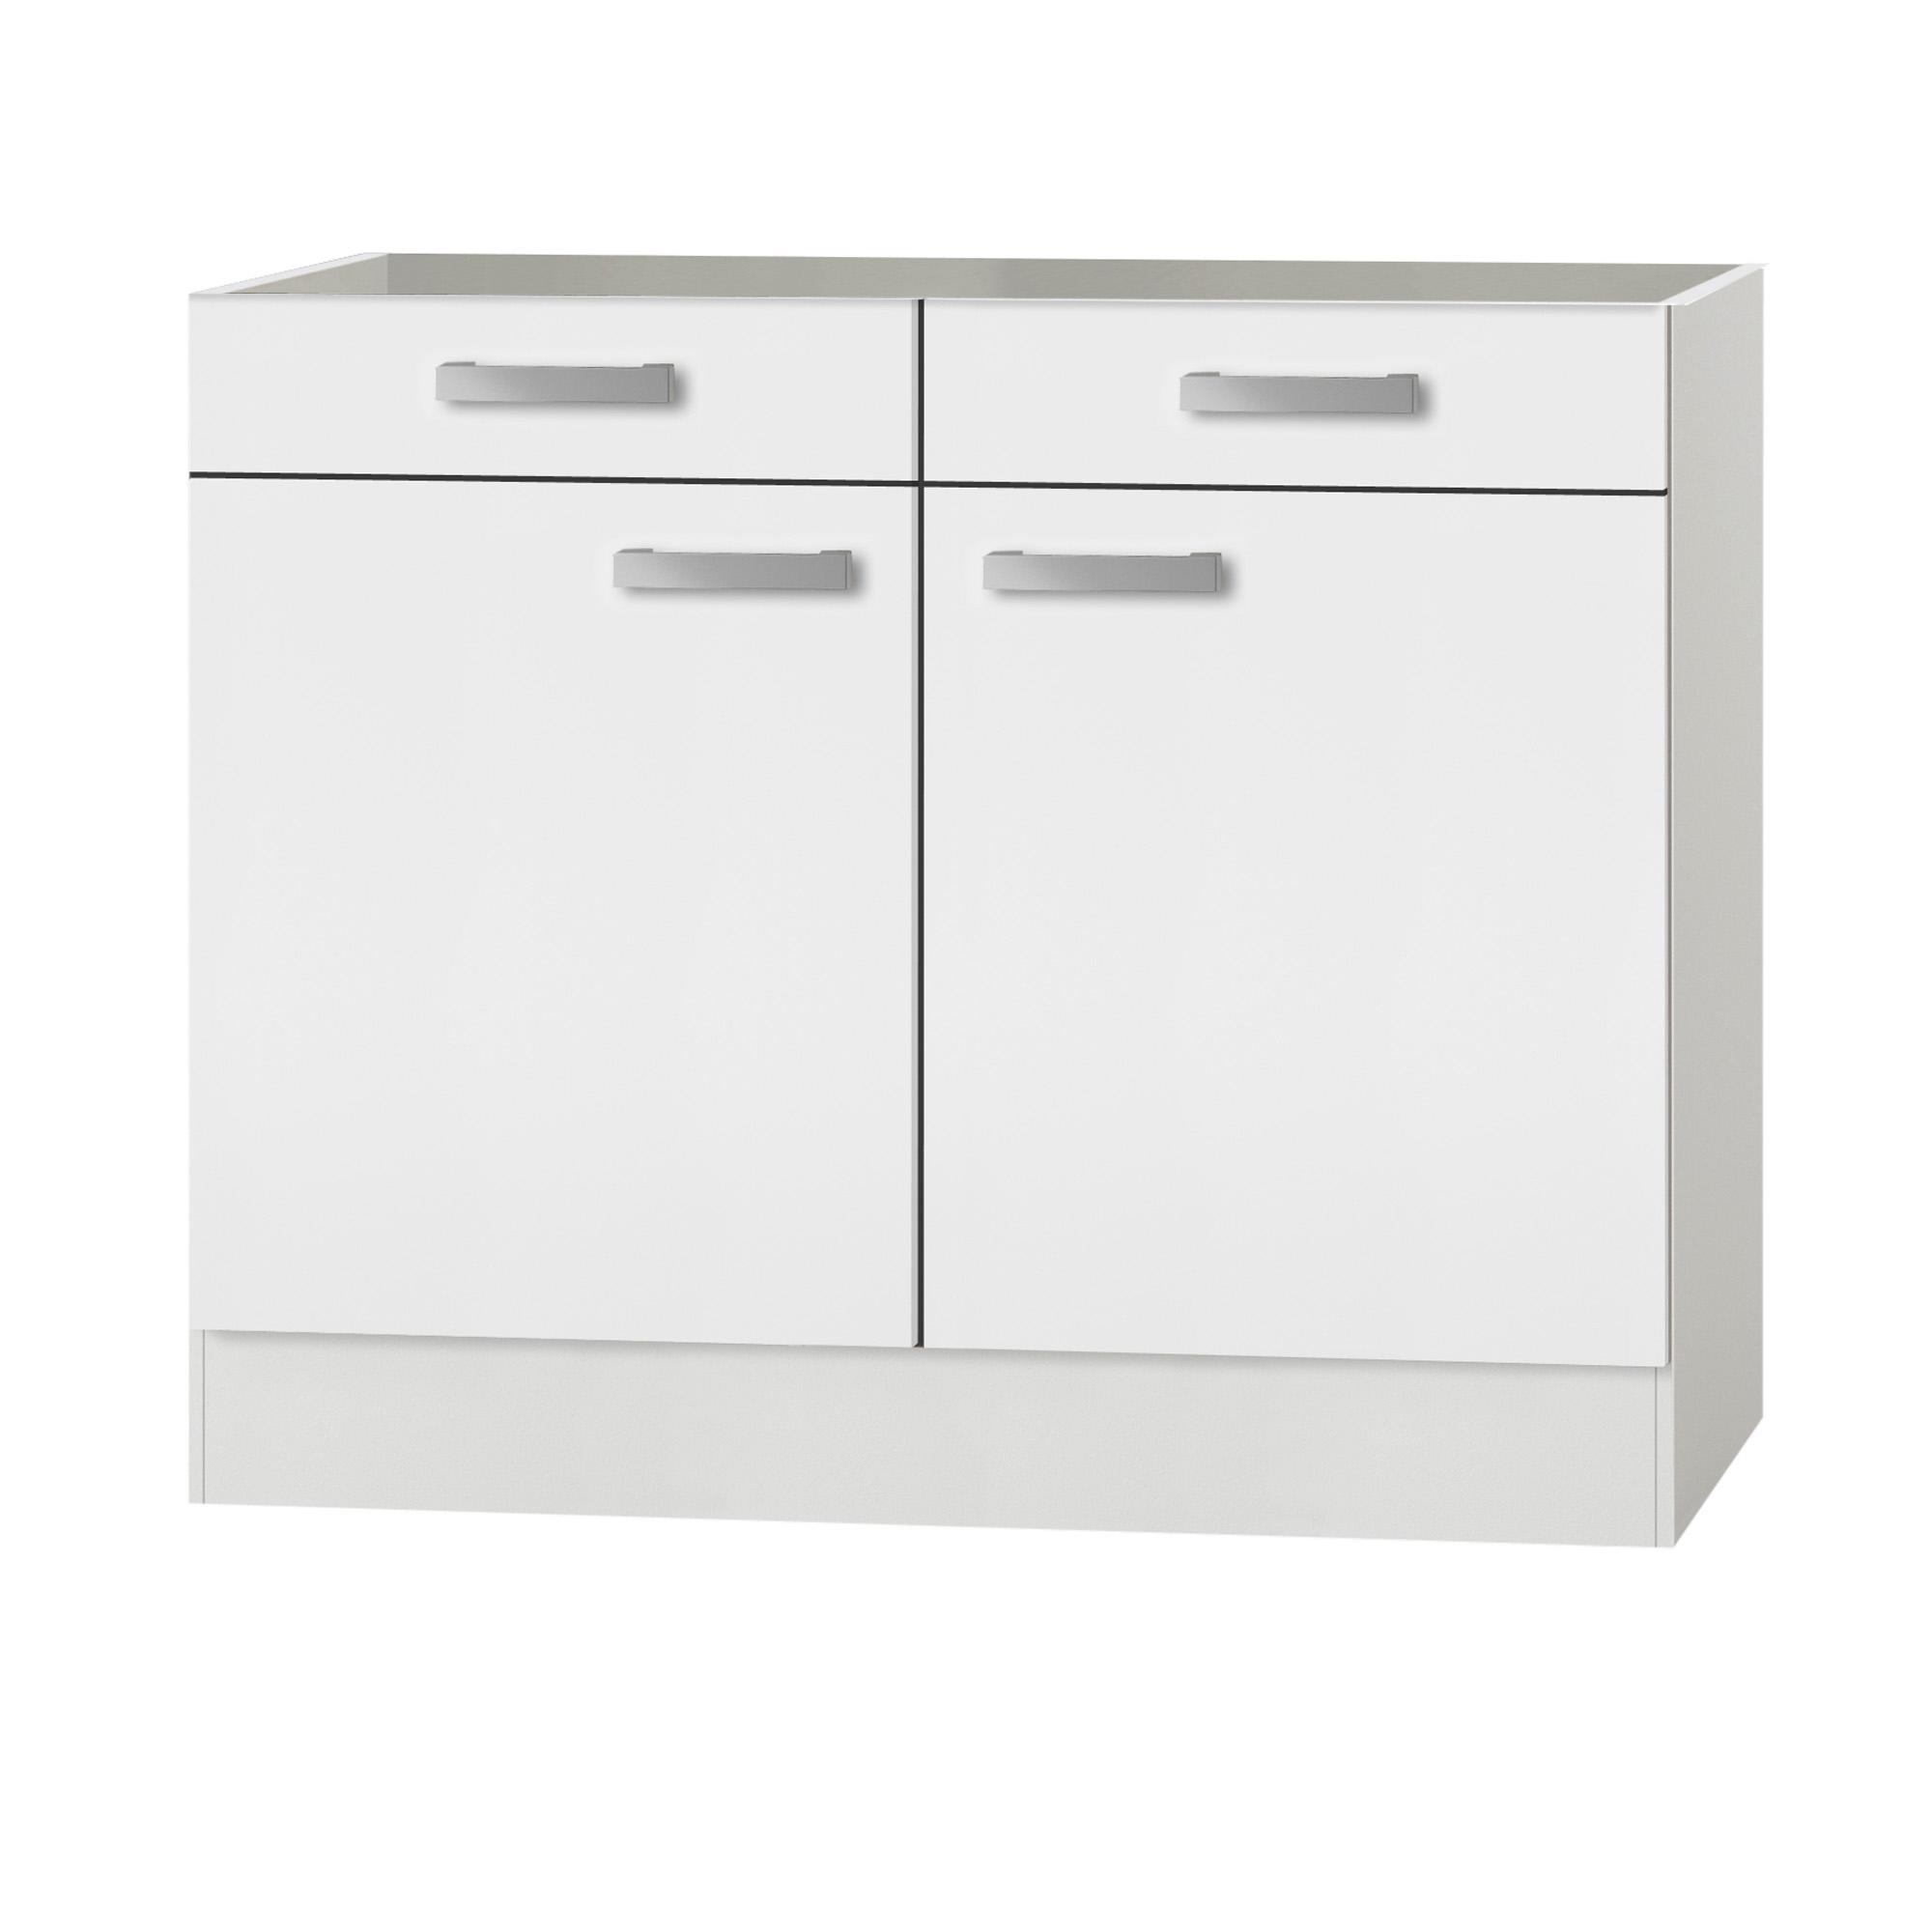 Küchen-Unterschrank BARCELONA ohne Arbeitsplatte - 10-türig - 10 cm breit -  Weiß